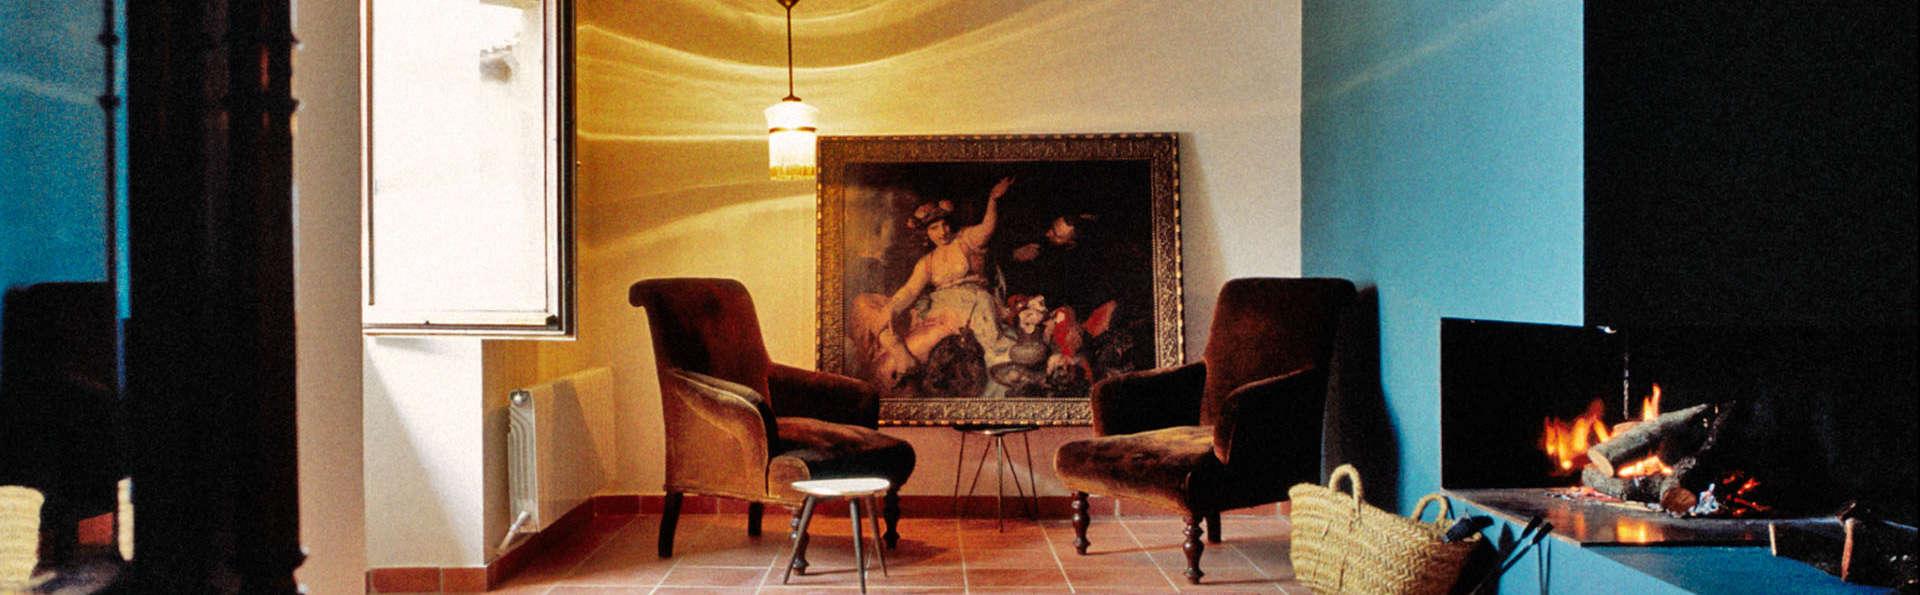 Hotel Consolación - EDIT_INTERIOR_09.jpg